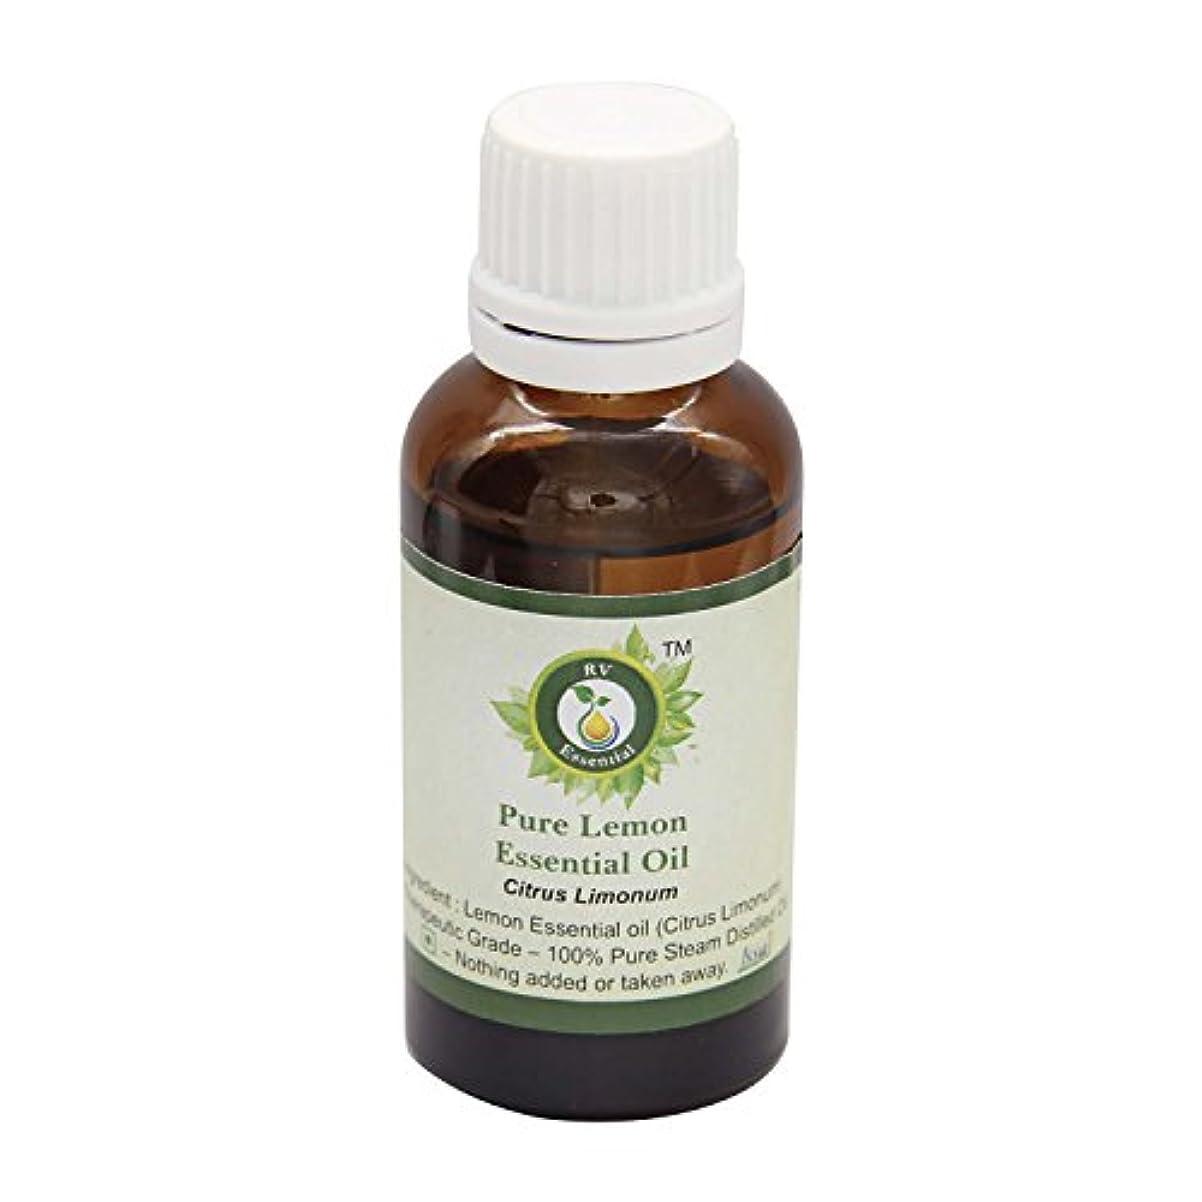 用心するからかう前提条件R V Essential ピュアレモンエッセンシャルオイル100ml (3.38oz)- Citrus Limonum (100%純粋&天然スチームDistilled) Pure Lemon Essential Oil